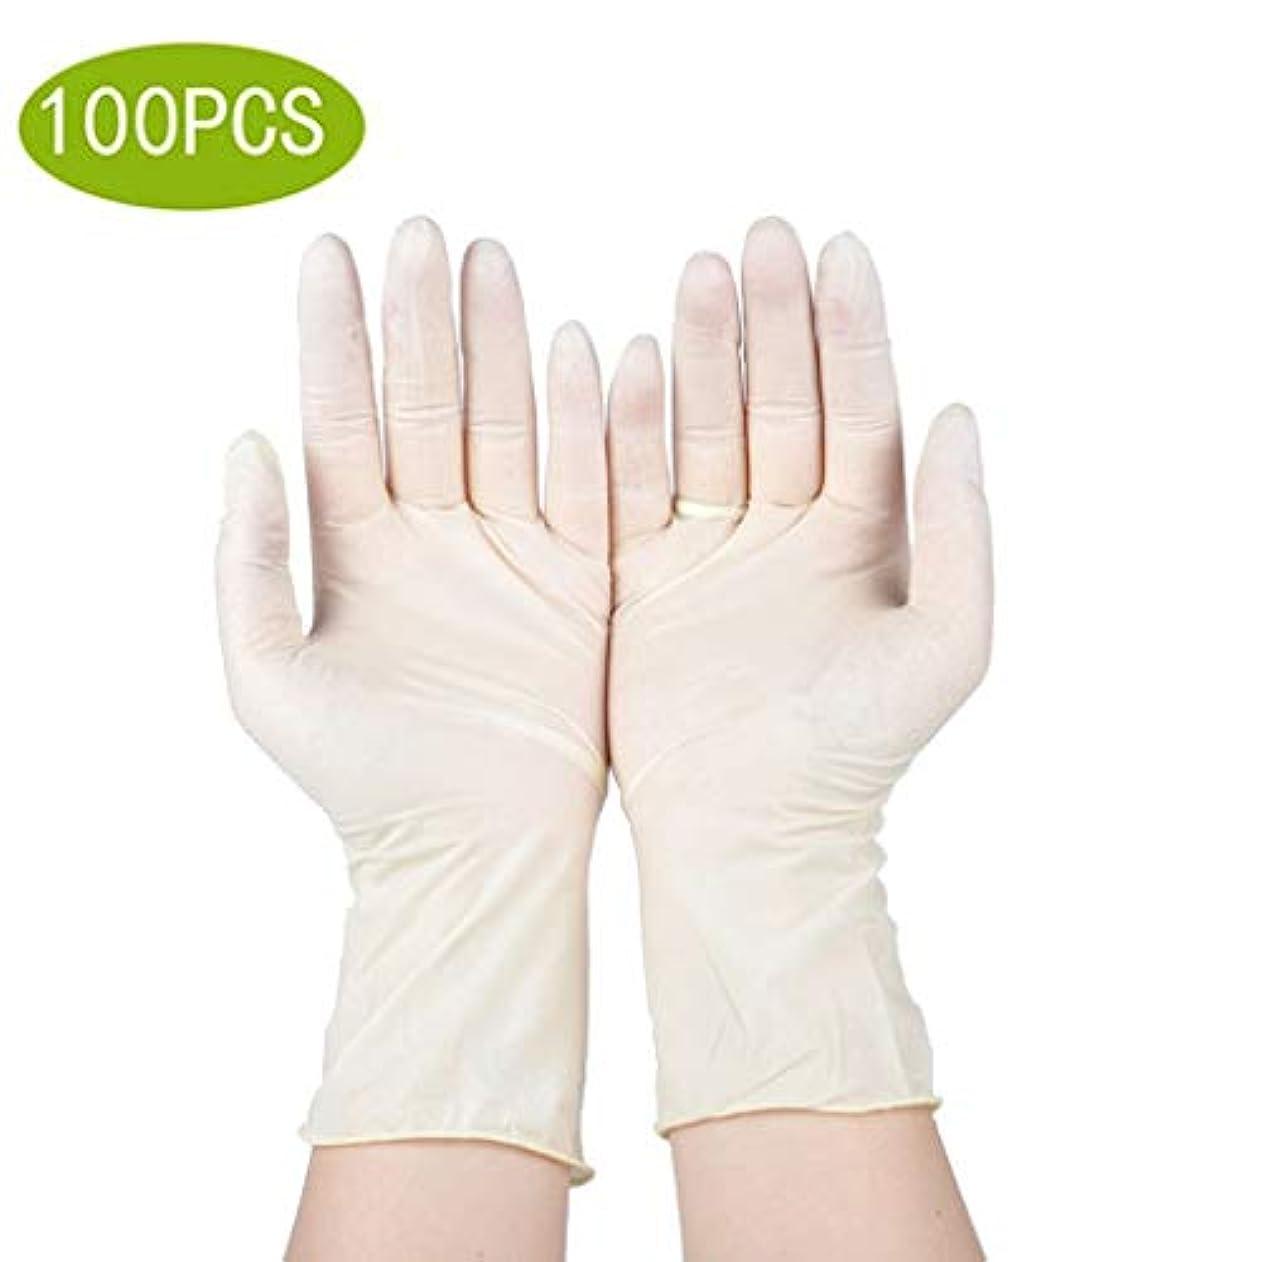 可能同僚つぶす医療検査ラテックス手袋|3ミル厚、ミディアムボックス100パウダーフリー、無菌、頑丈な試験用手袋|病院のための専門の等級、法執行機関、食糧売り手 (Color : Beige, Size : L)